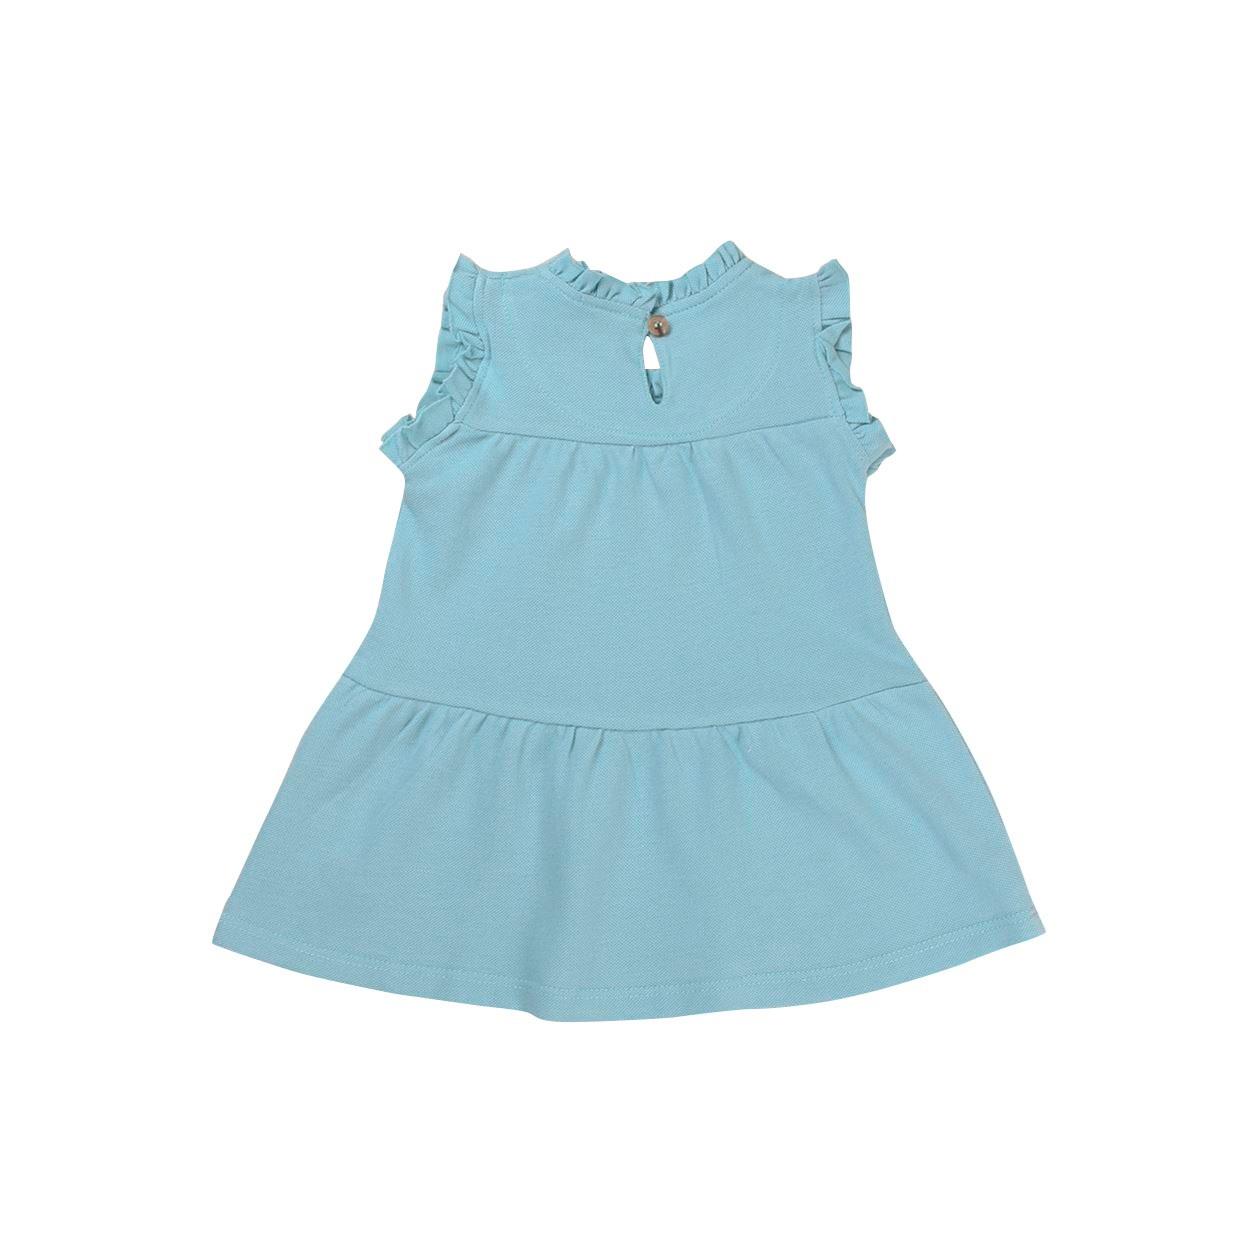 Imagen de Vestido niña bebé